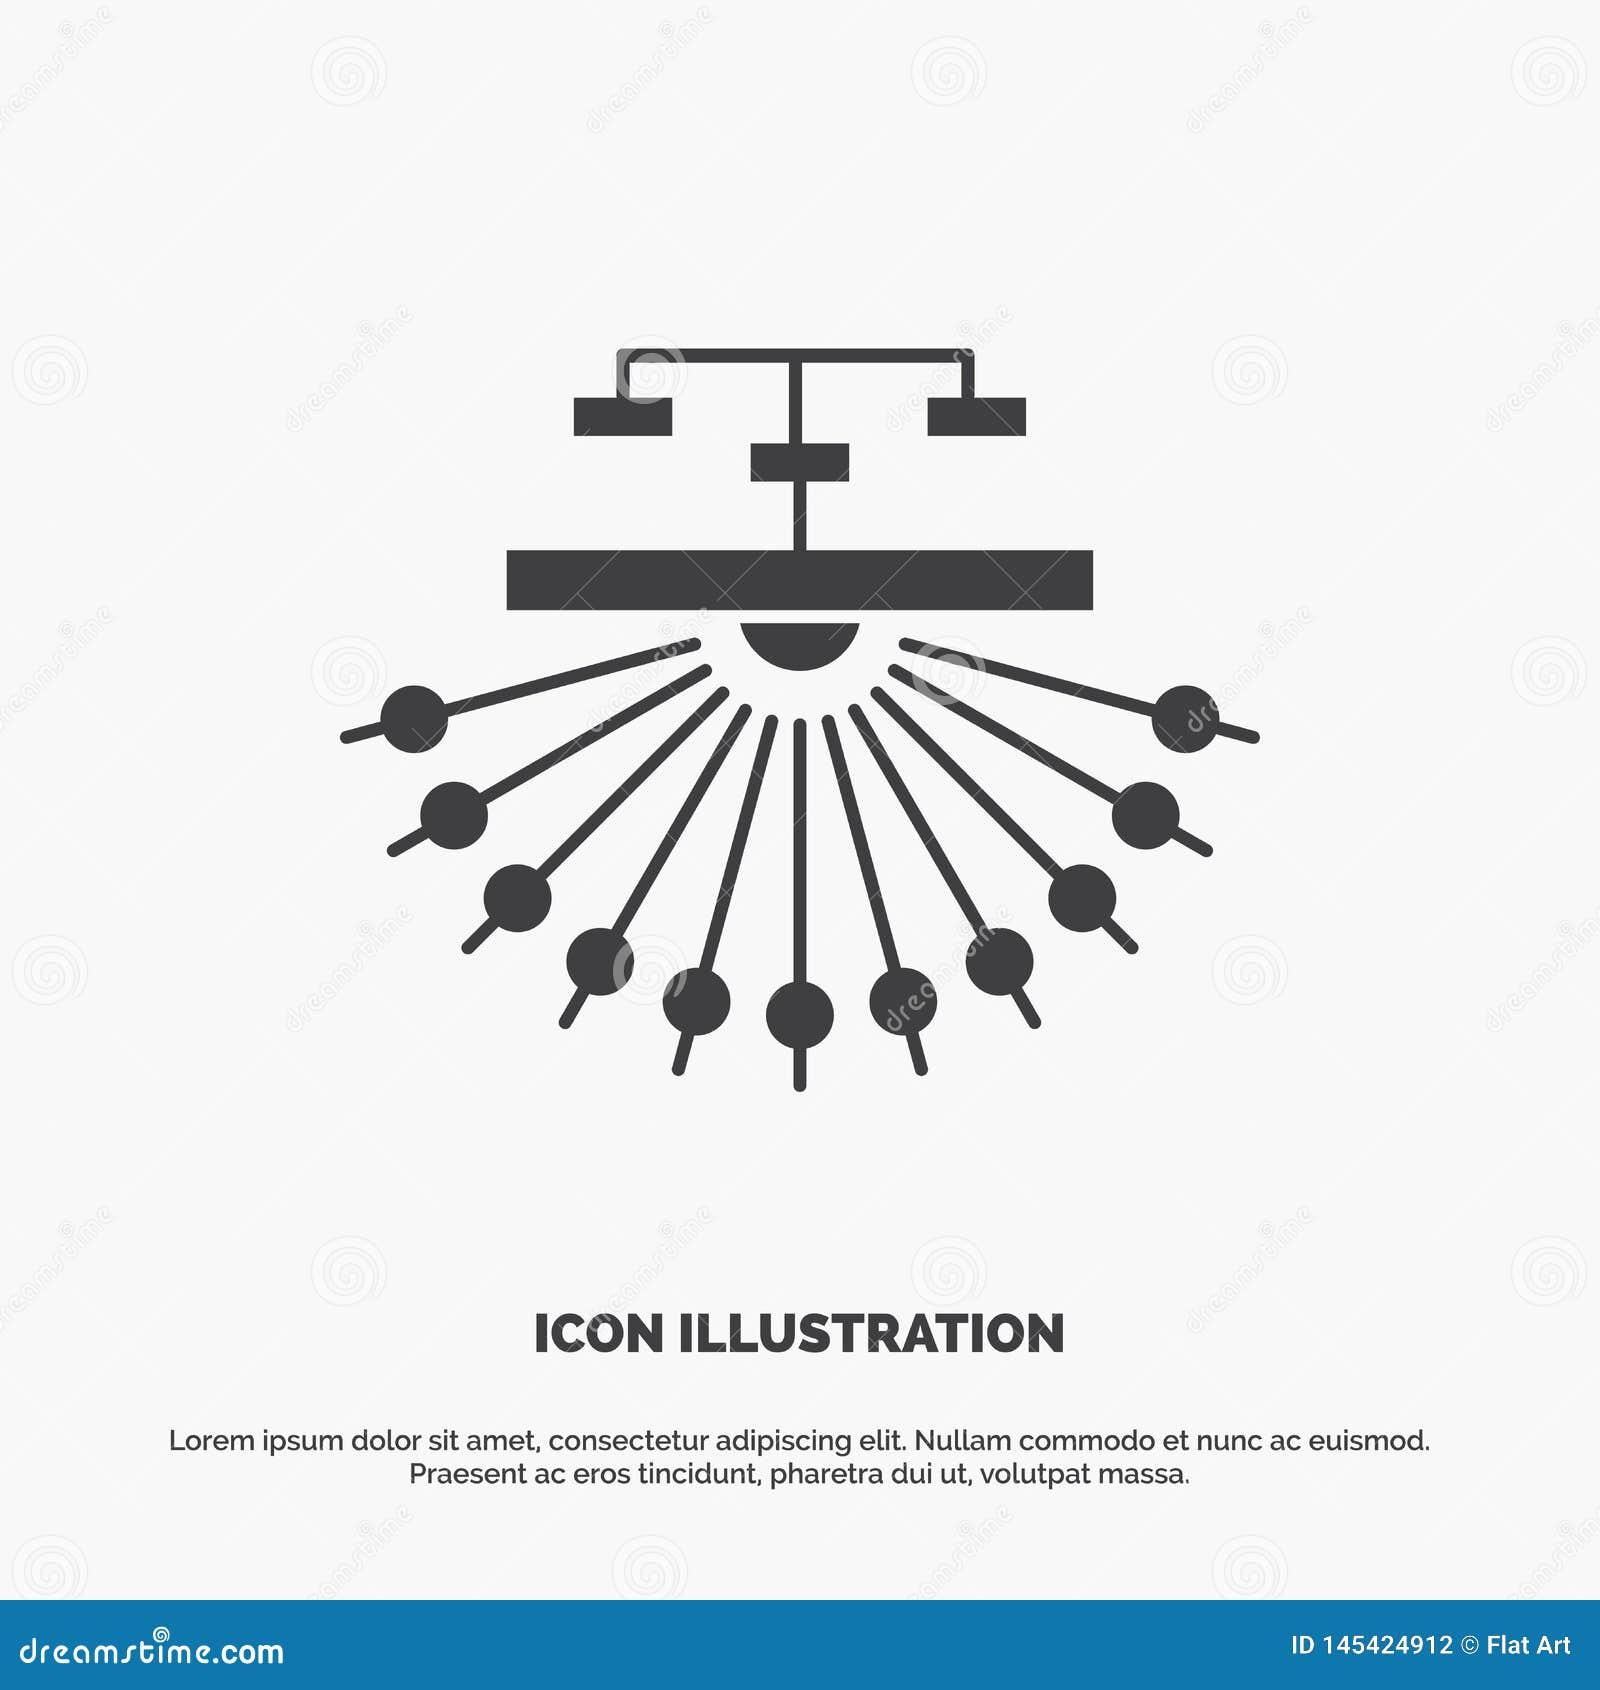 βελτιστοποίηση, περιοχή, περιοχή, δομή, εικονίδιο Ιστού glyph διανυσματικό γκρίζο σύμβολο για UI και UX, τον ιστοχώρο ή την κινητ